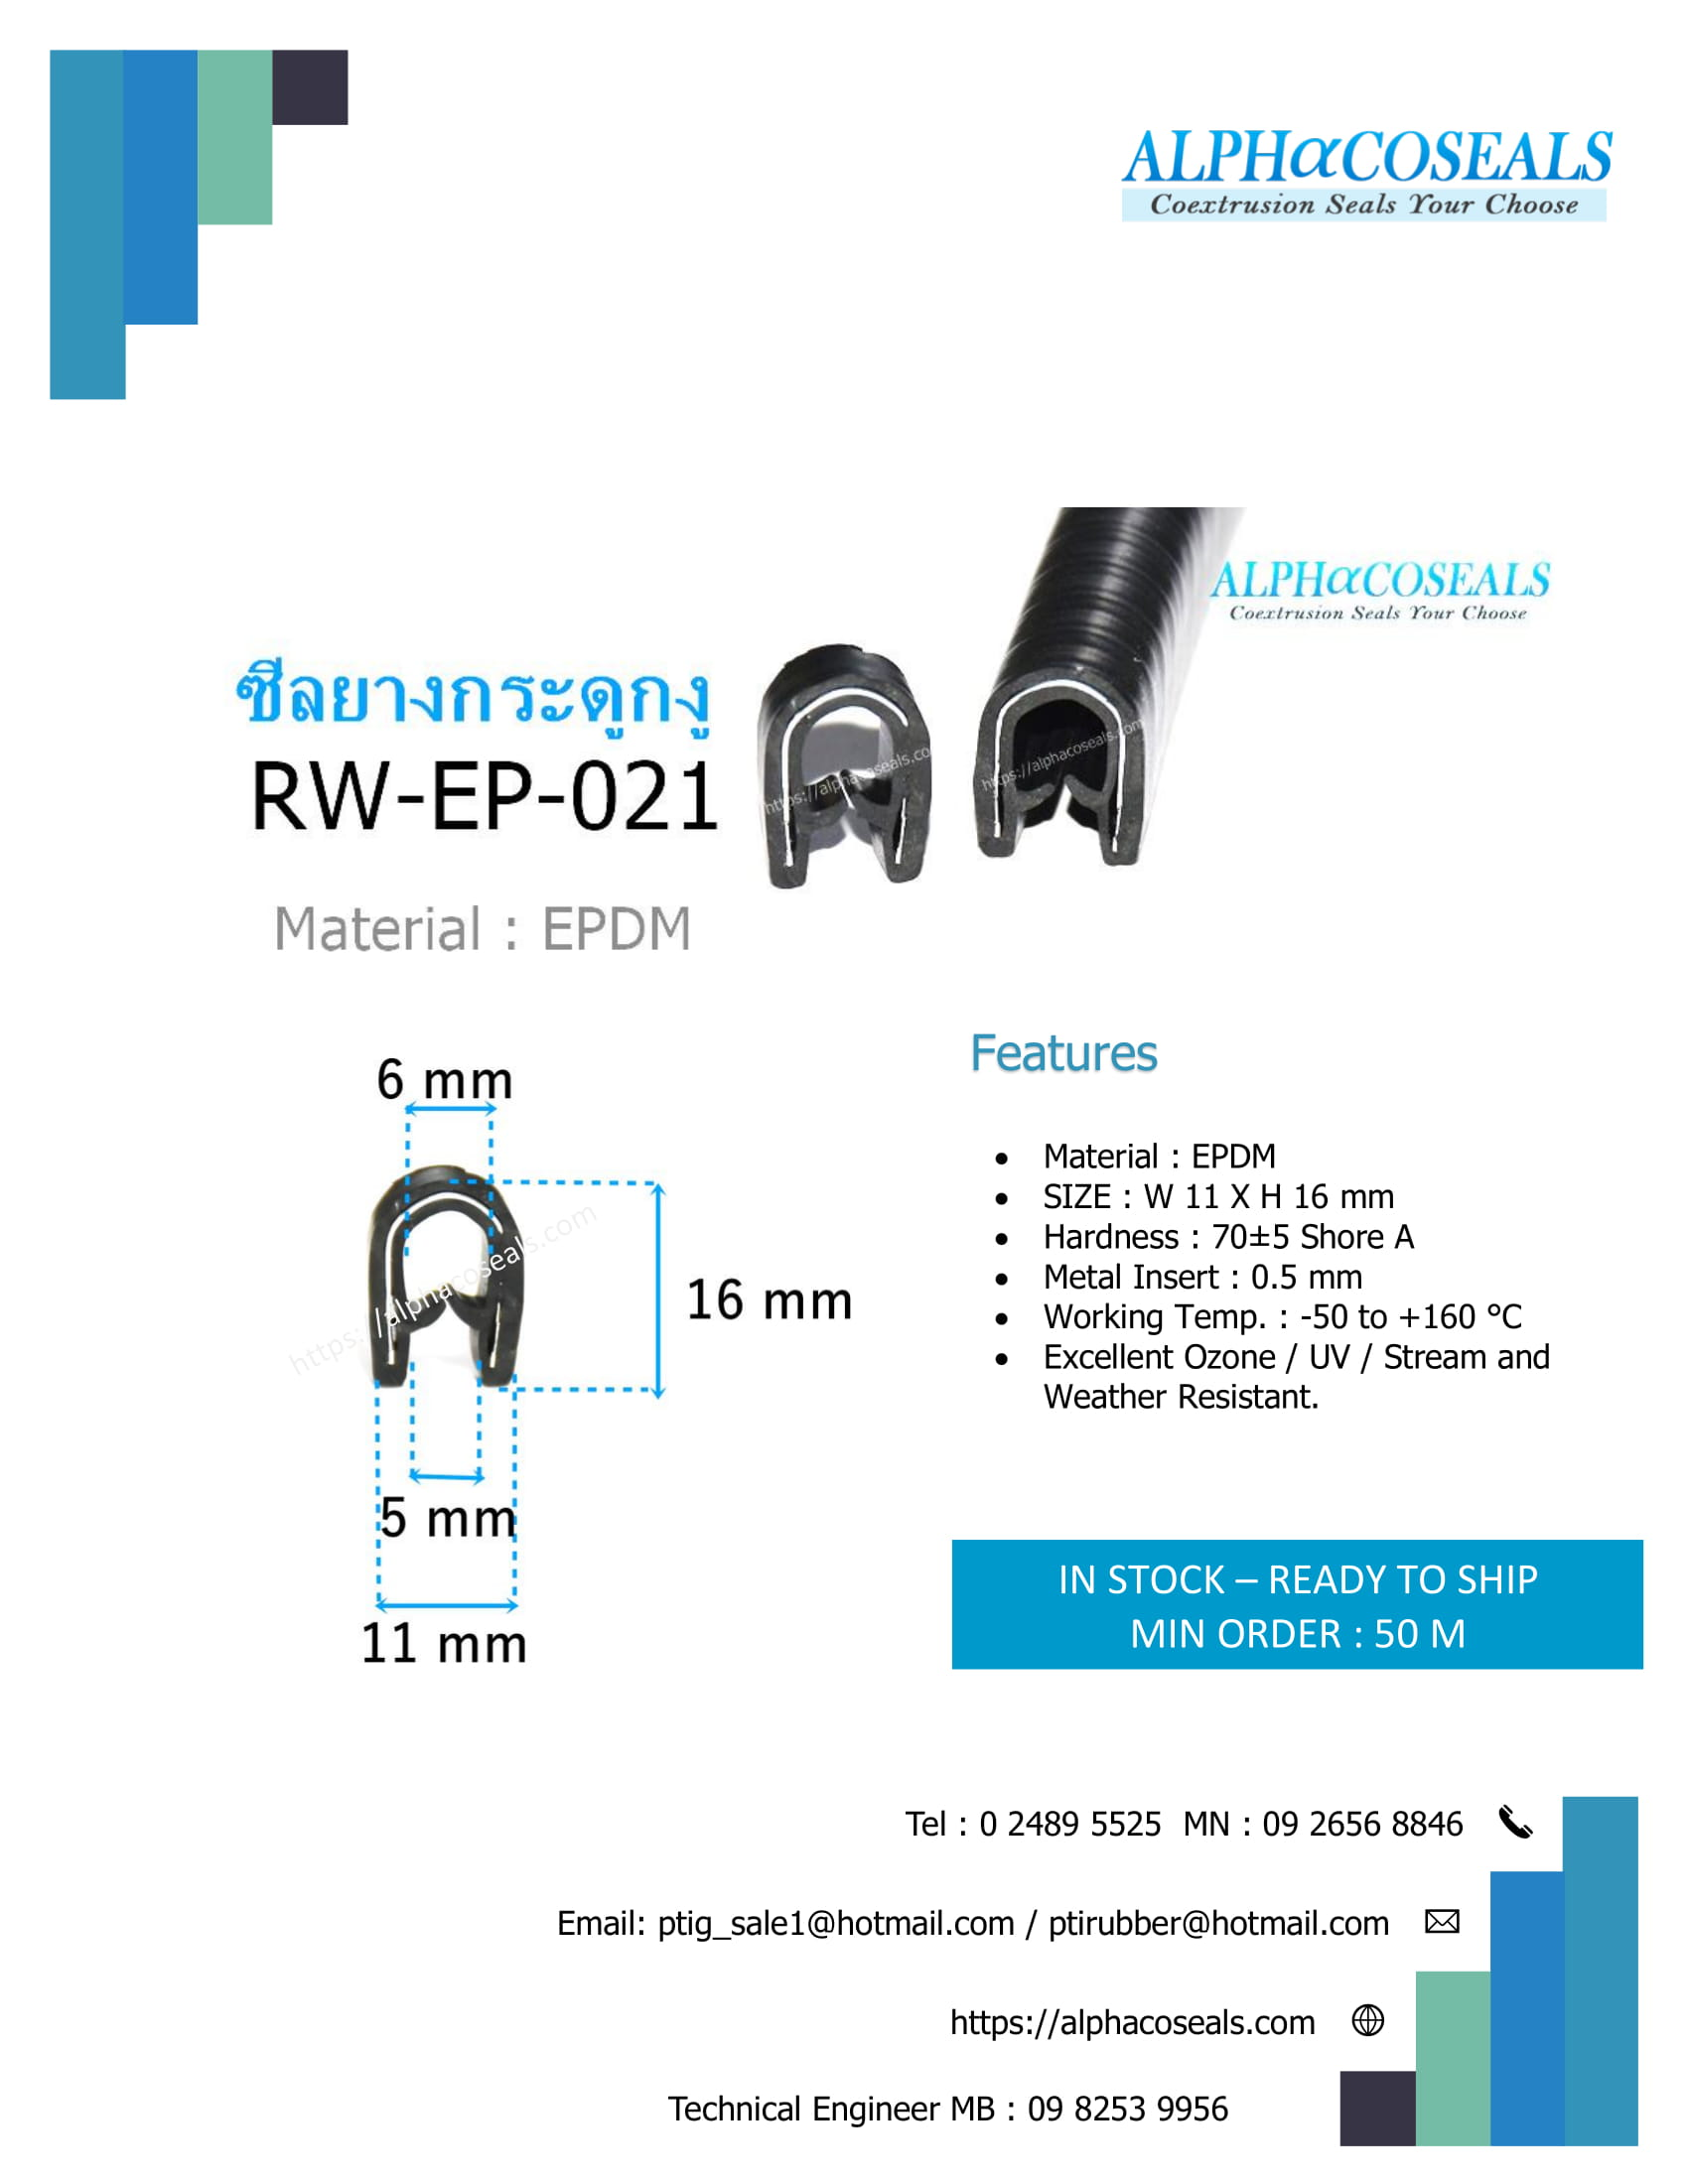 ซีลยางกระดูกงู RW-EP-021-1.jpg